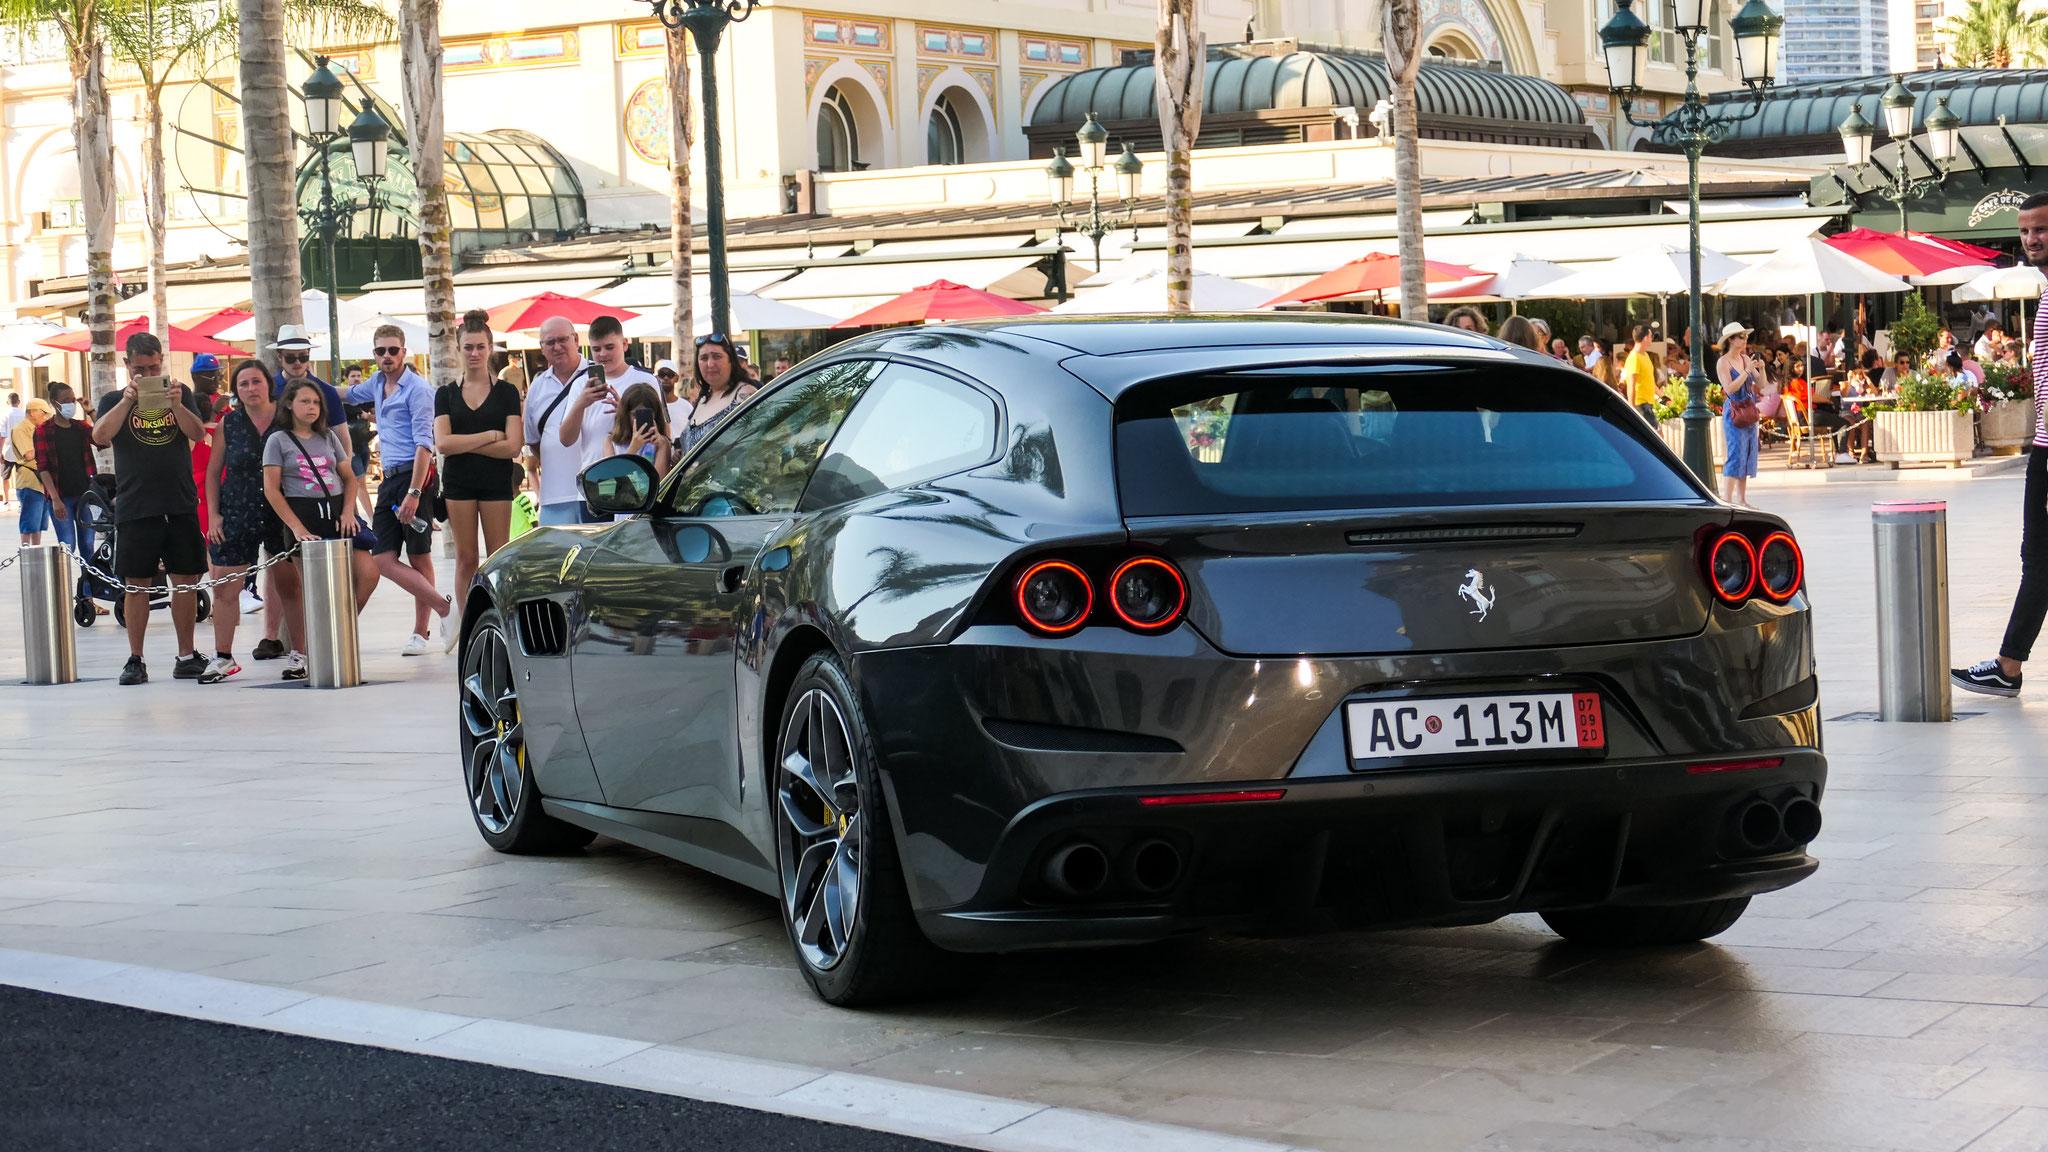 Ferrari GTC4 Lusso - AC-113M